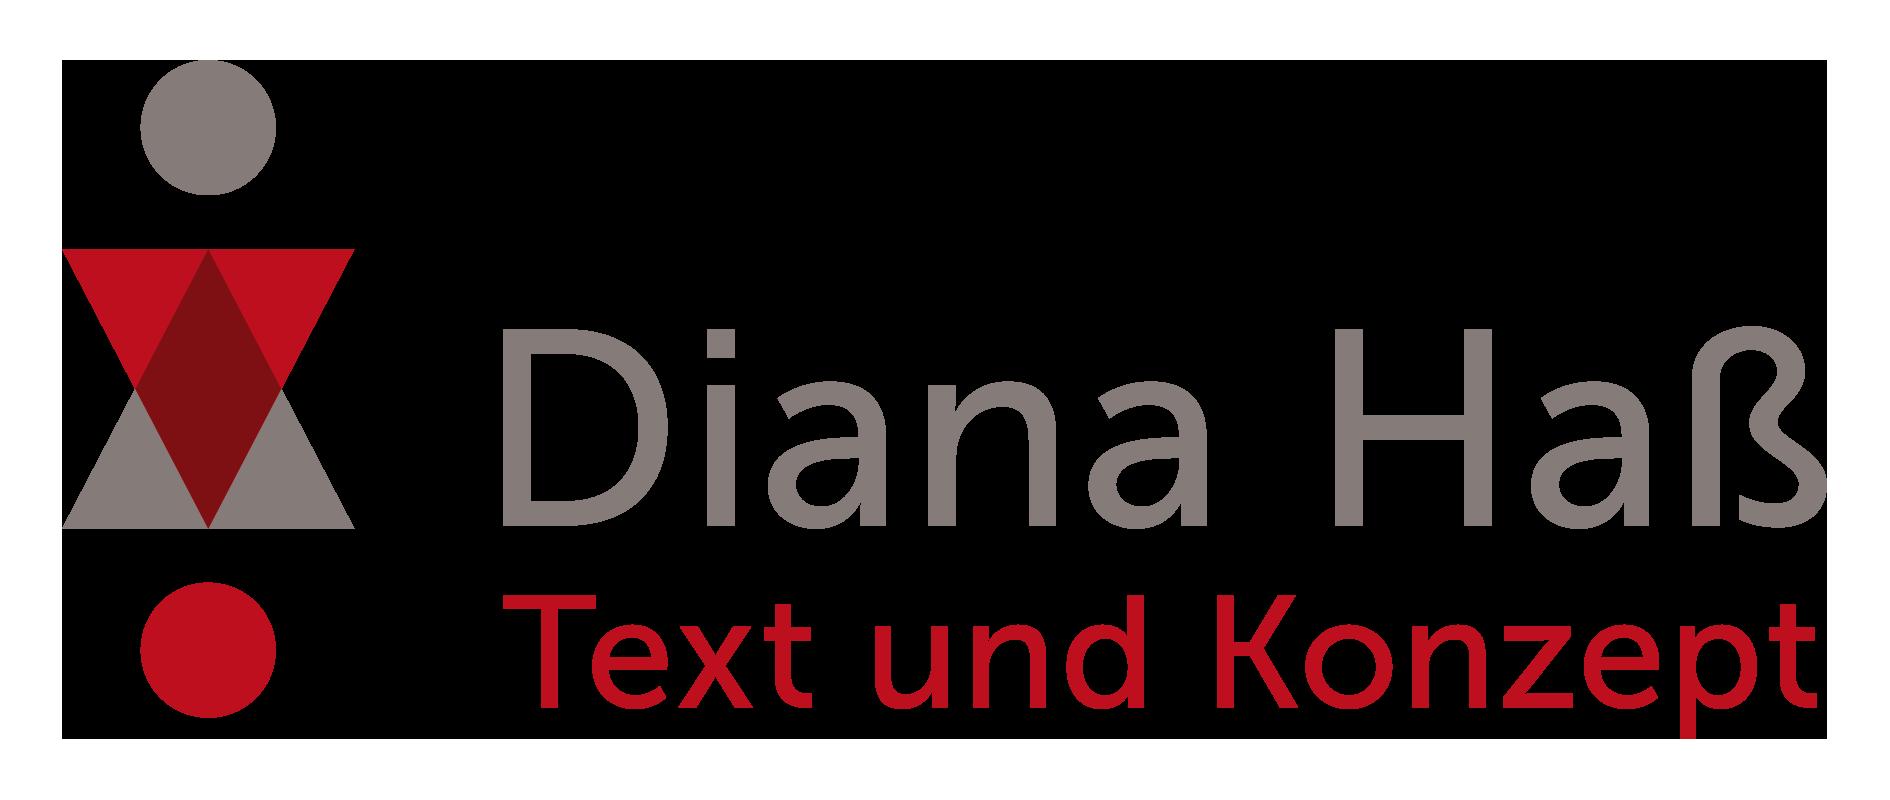 Diana Haß Text und Konzept